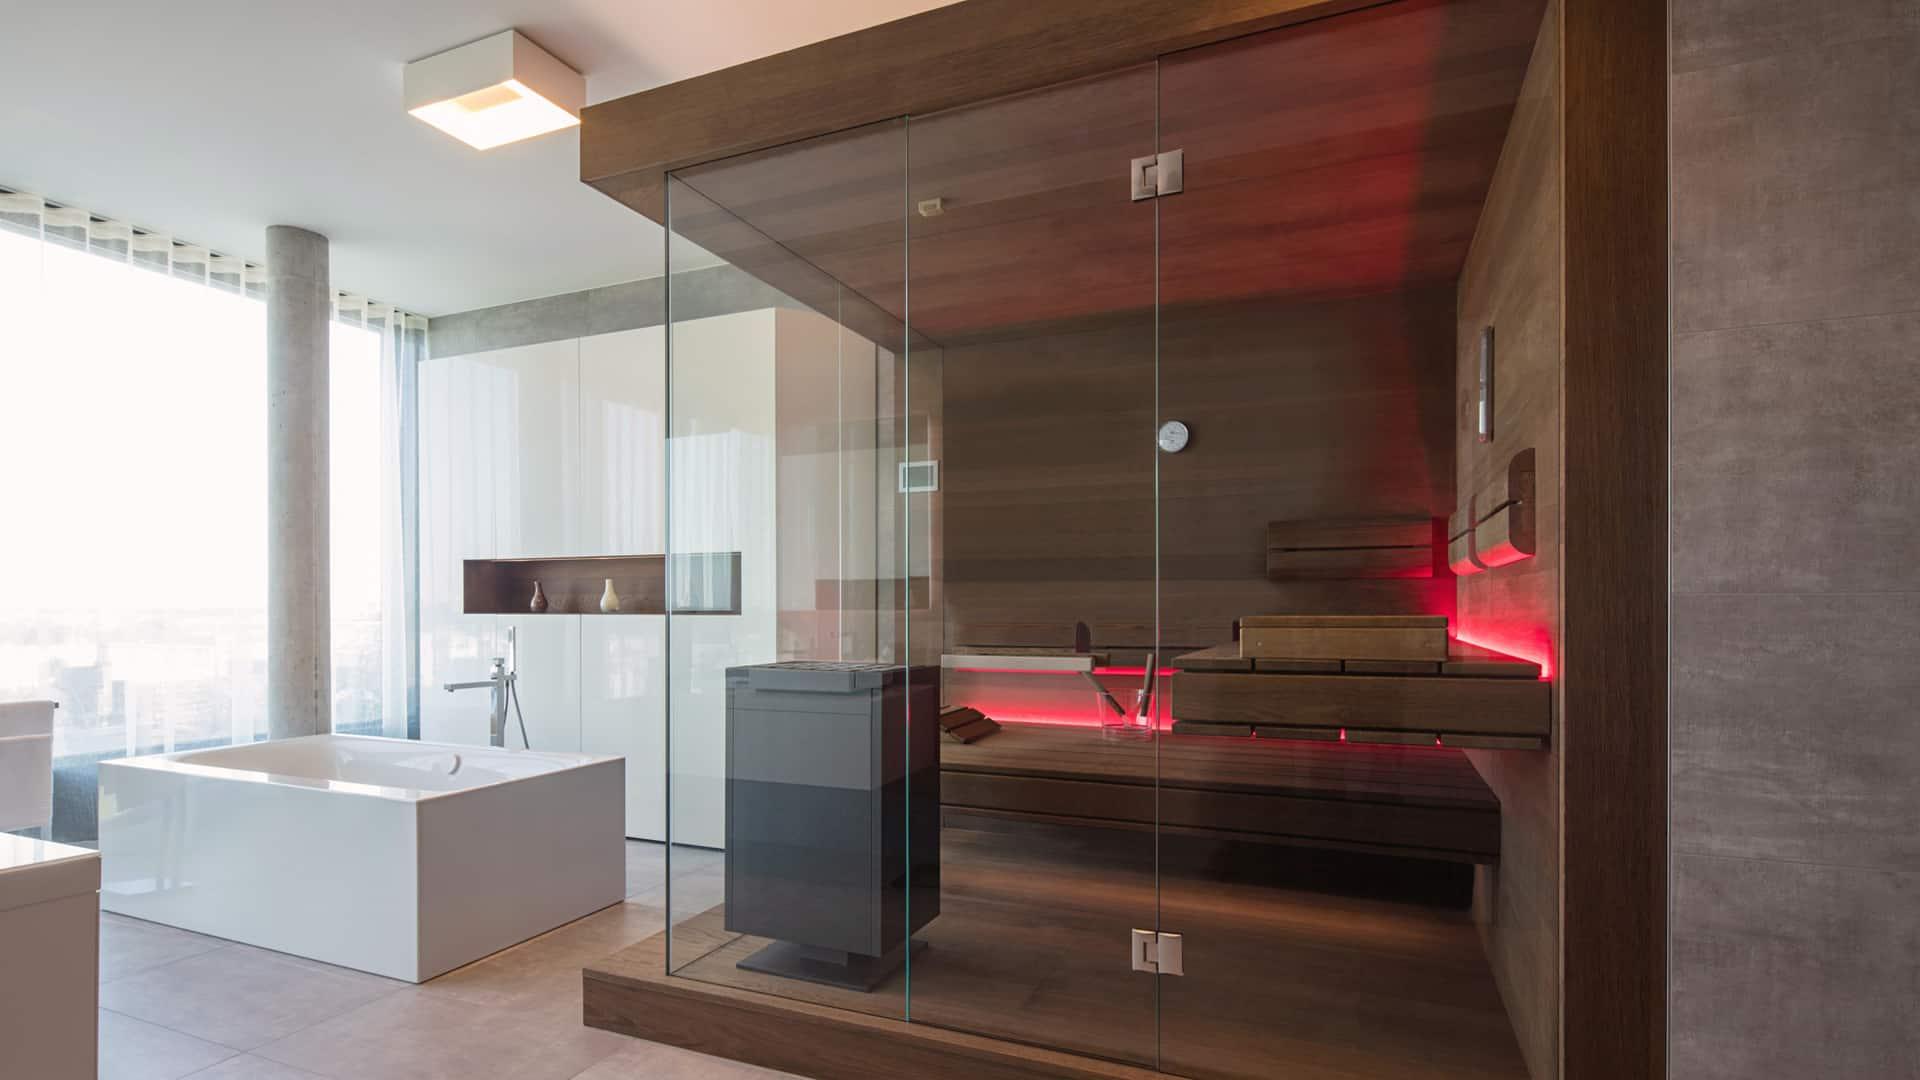 Bevorzugt Corso Saunamanufaktur sorgt für Ihre Wellness-Oase im eigenen Zuhause LU83